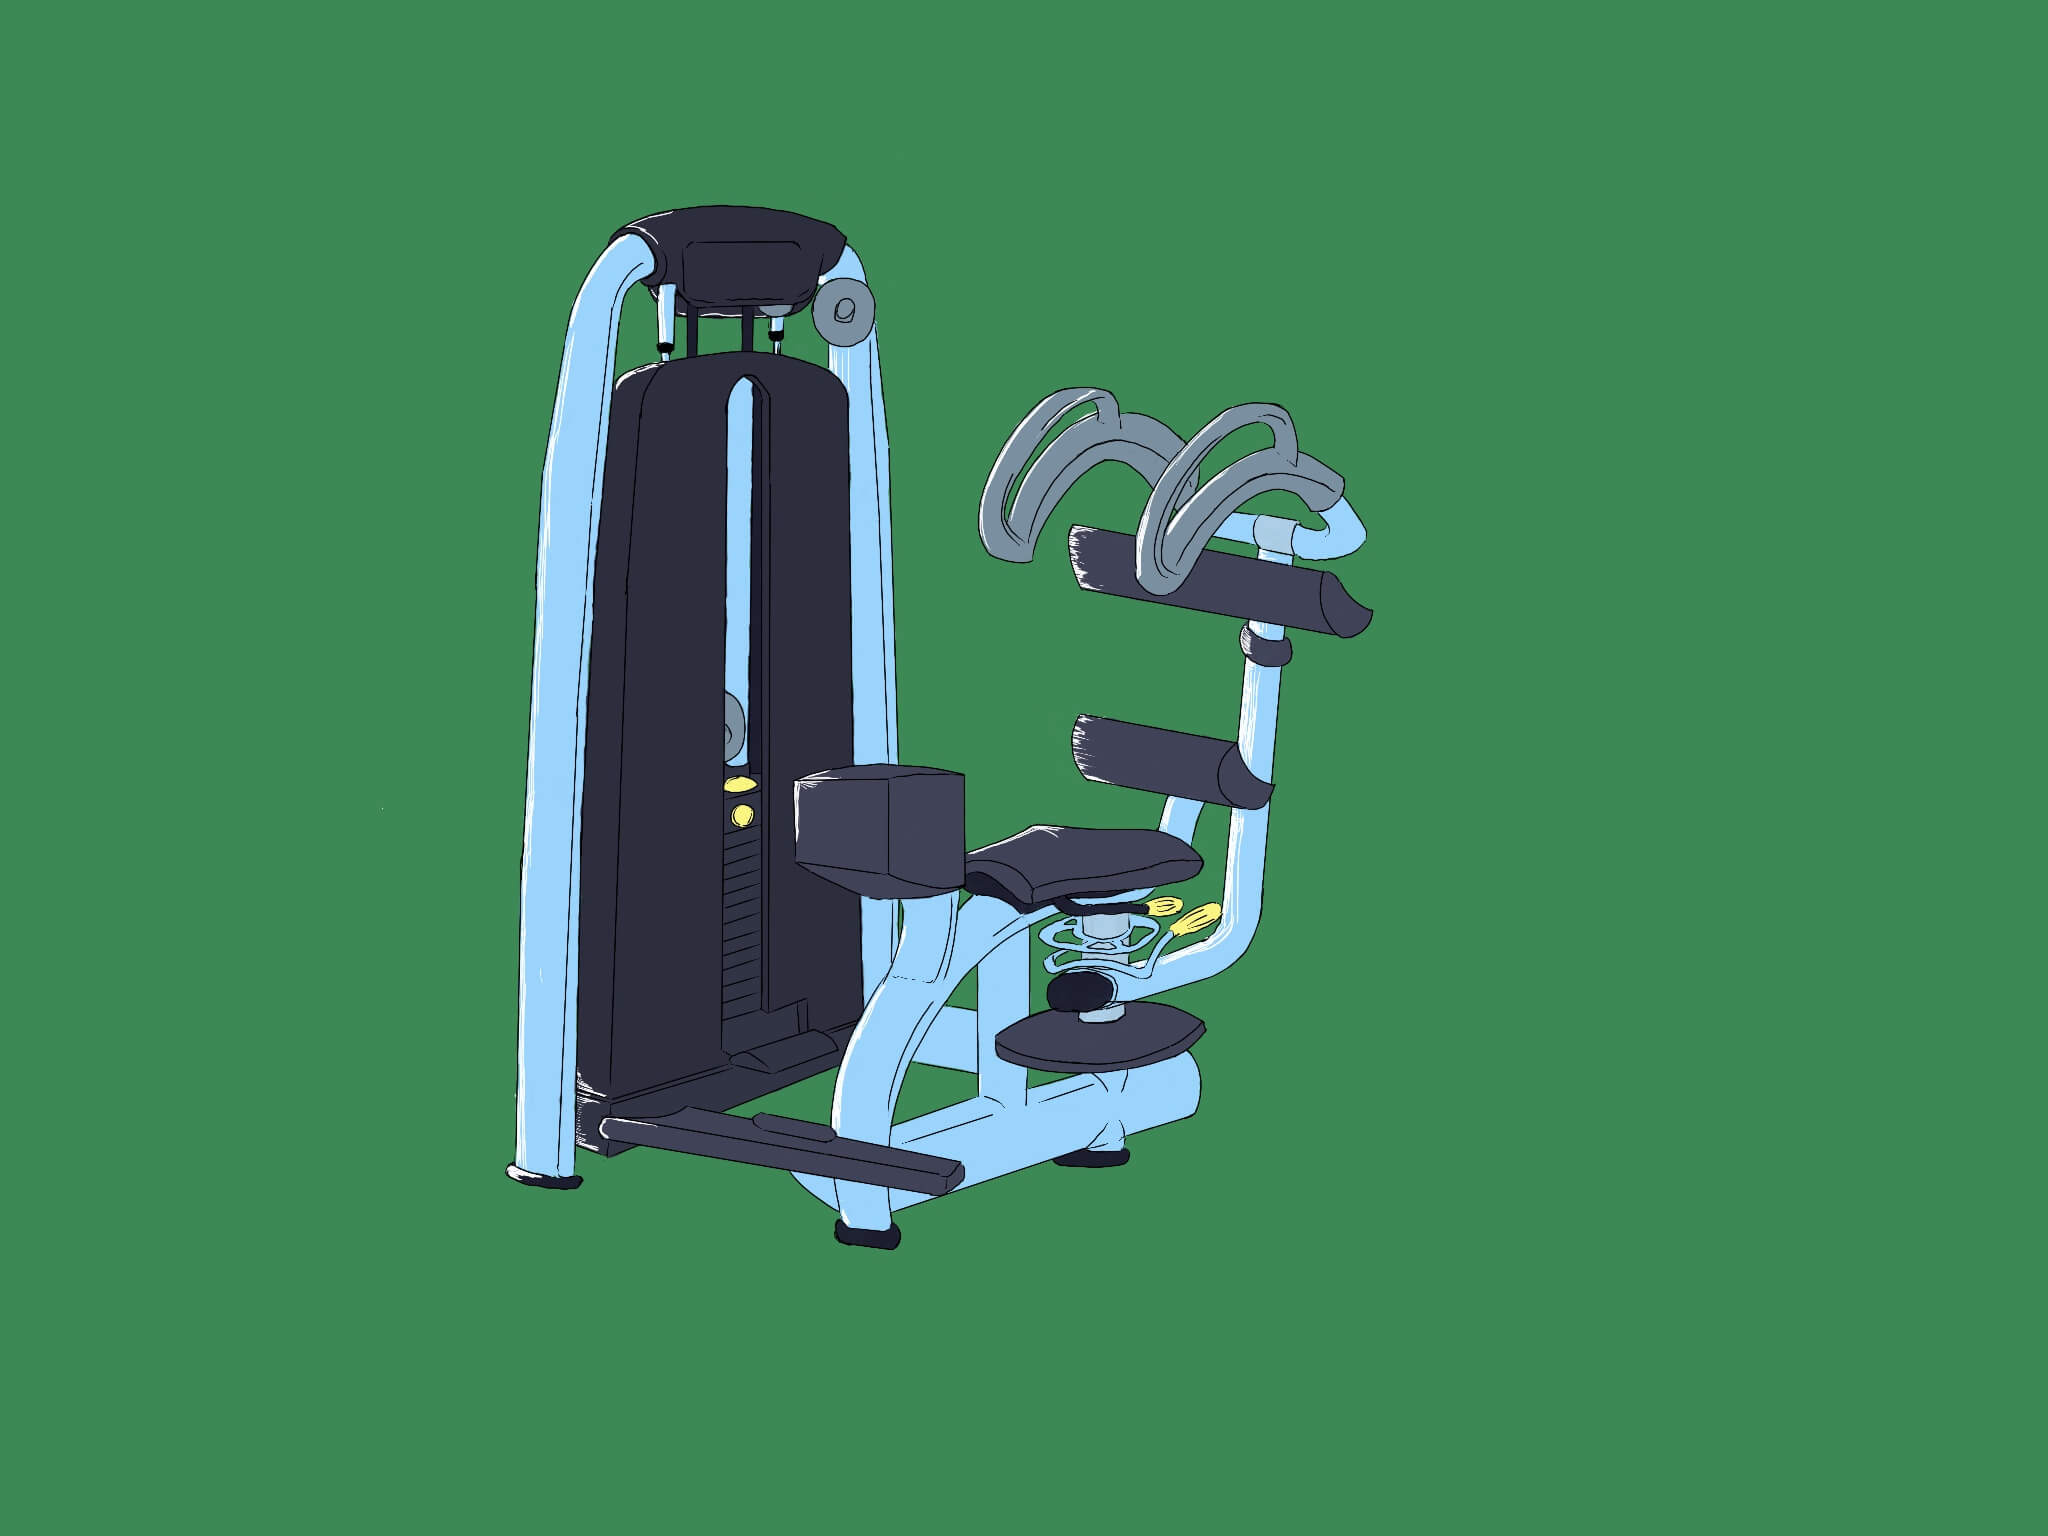 腹斜筋のマシンはロータリートーソ!お腹周りにくびれを作る!